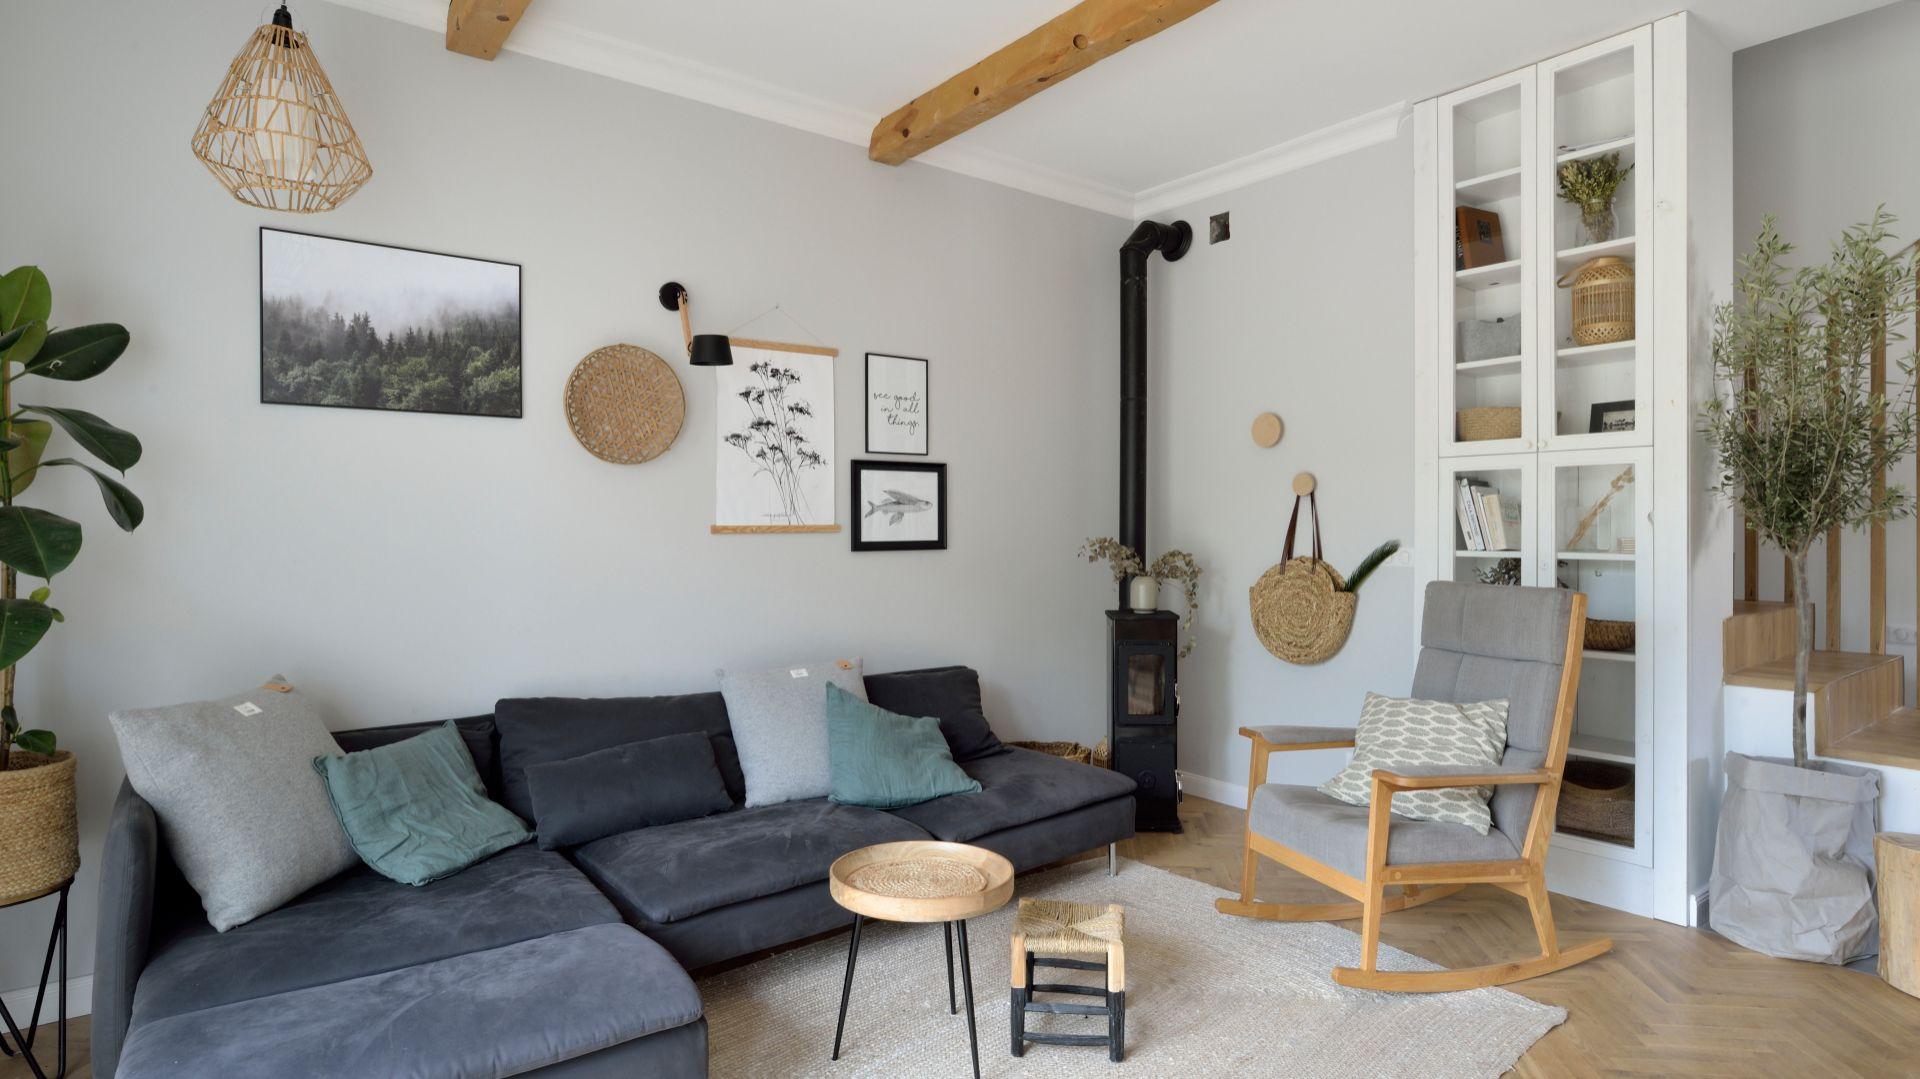 Ścianę za kanapą wykończono jasną, szara farbą. Na jej tle pięknie prezentuje się obraz i grafiki. Projekt: SHOKO.design. Fot. Łukasz Nowosadzki, Archilens.pl